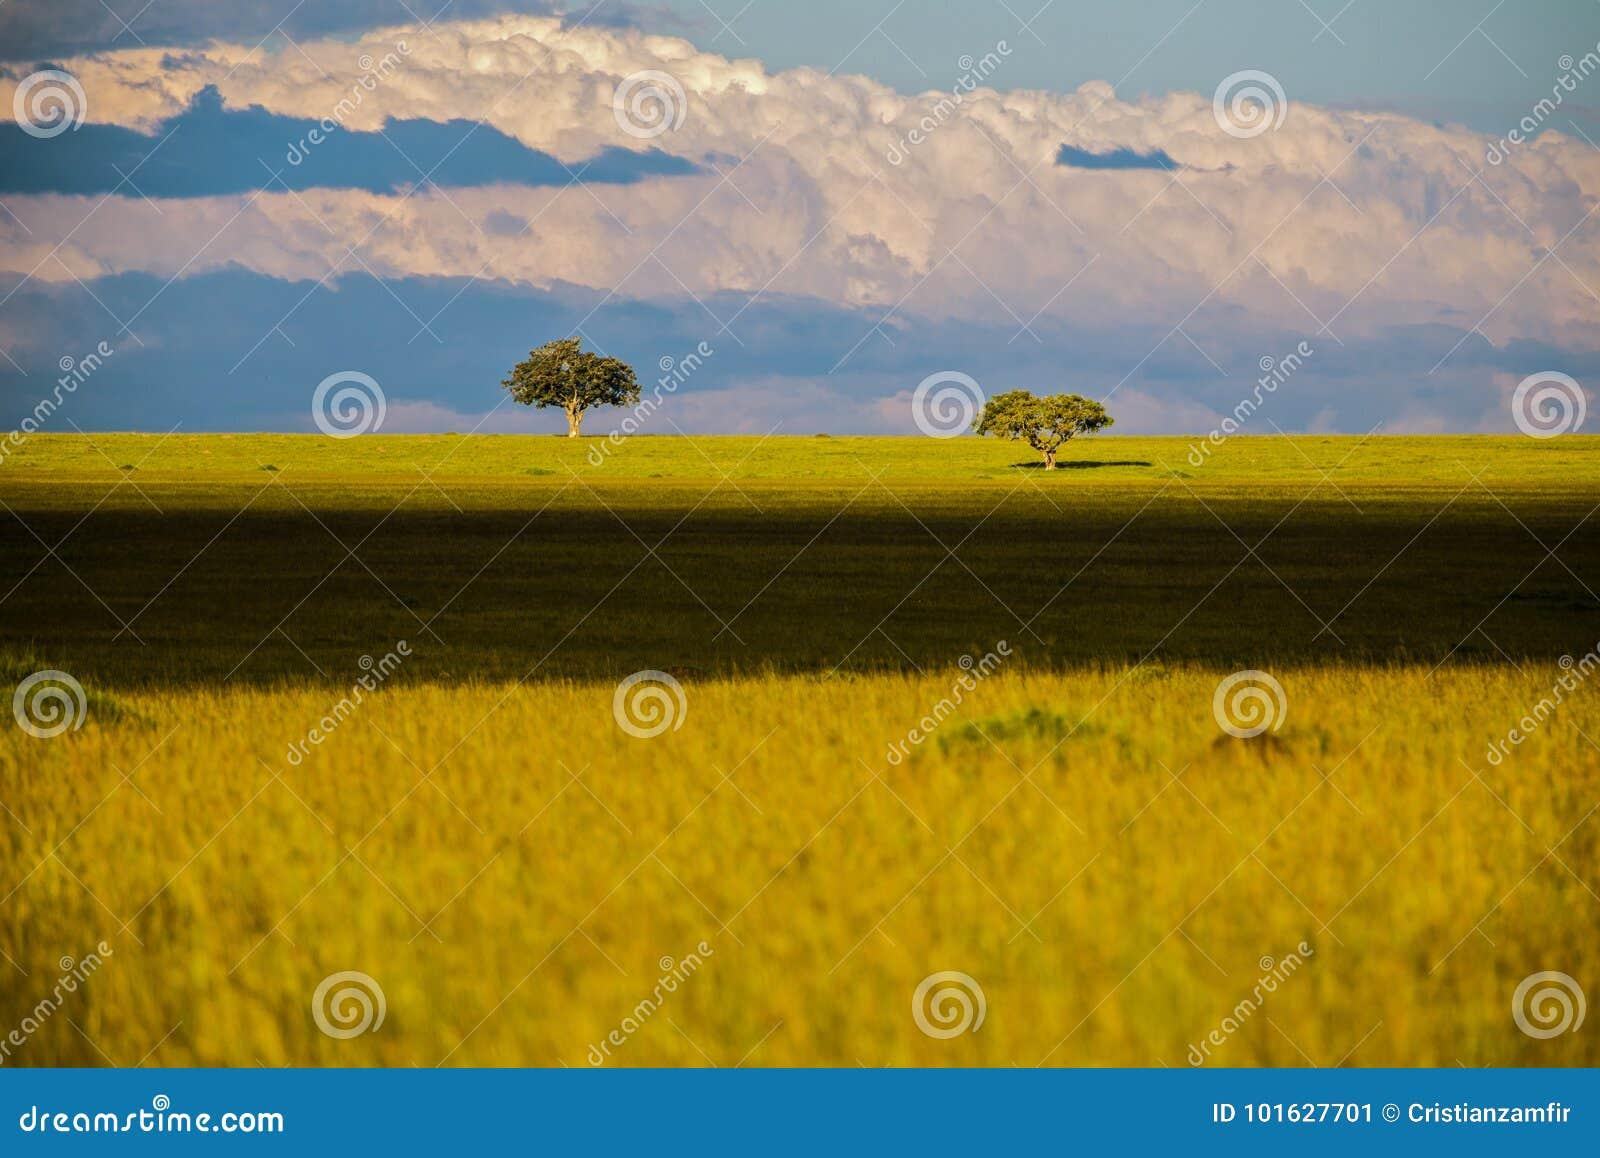 Ajardine con los árboles de la sabana en África, safari